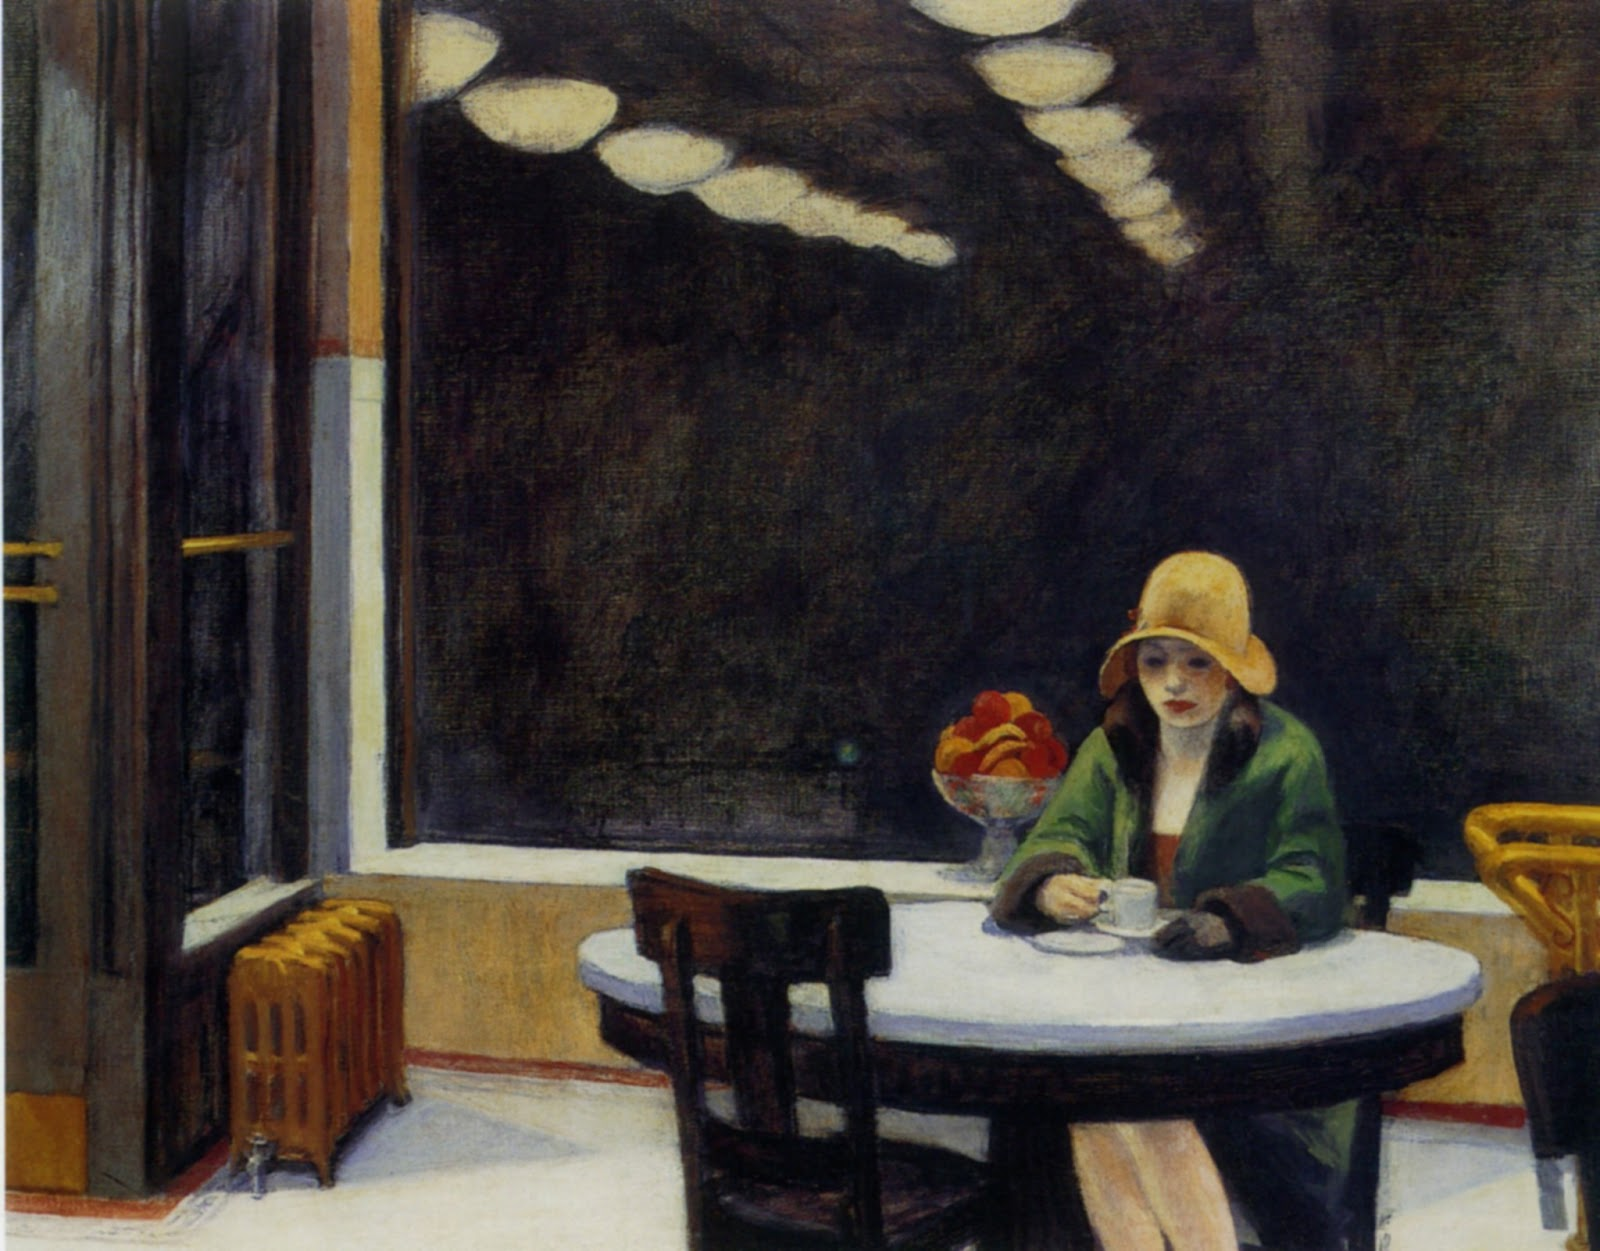 edward-hopper-automat-restaurant-1927